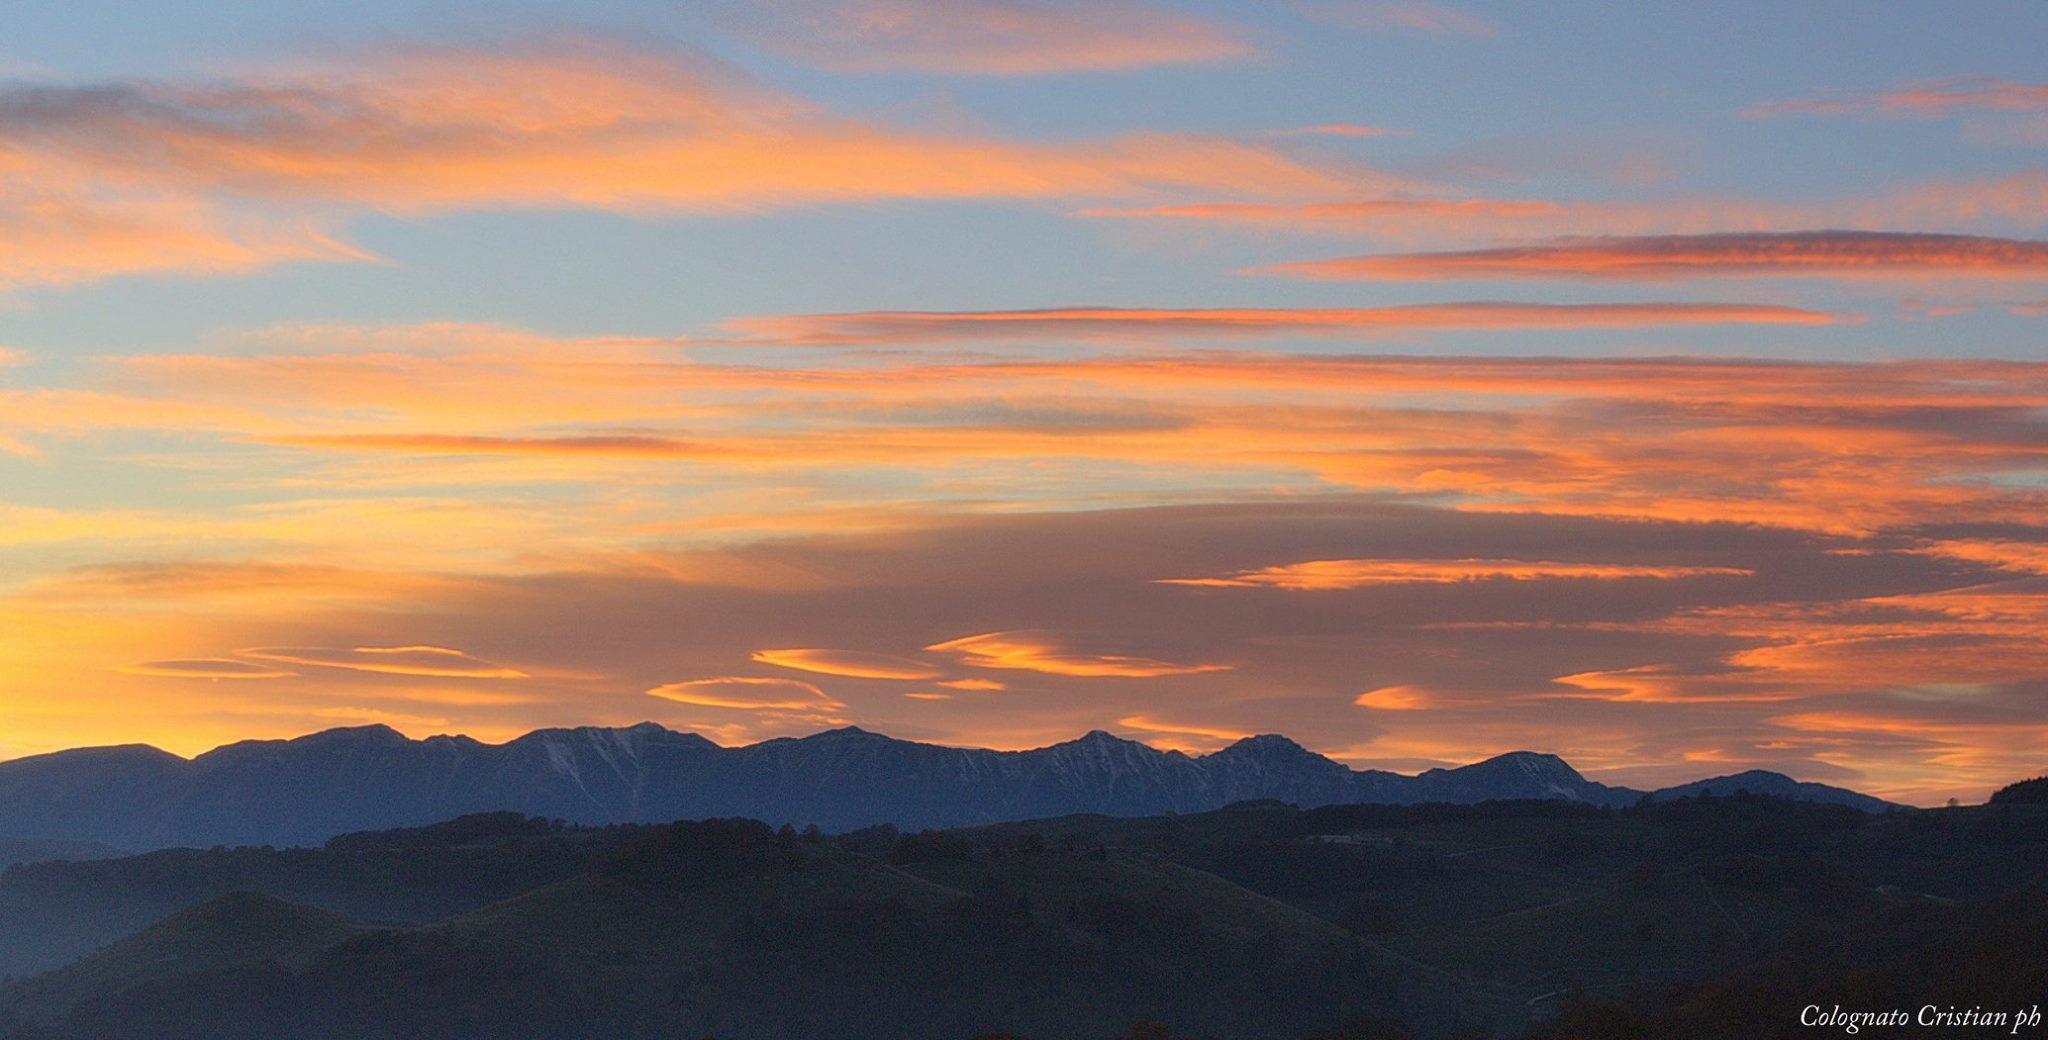 Ottobre 2015 - Per il mese di ottobre vi proponiamo uno scatto in cui vediamo nubi lenticolari e cirrostrati sul Monte Baldo al tramonto (foto Colognato). Le nubi lenticolari, dette anche lee-clouds, si formano tipicamente sottovento alle Alpi con correnti settentrionali o nord-occidentali in alta quota.